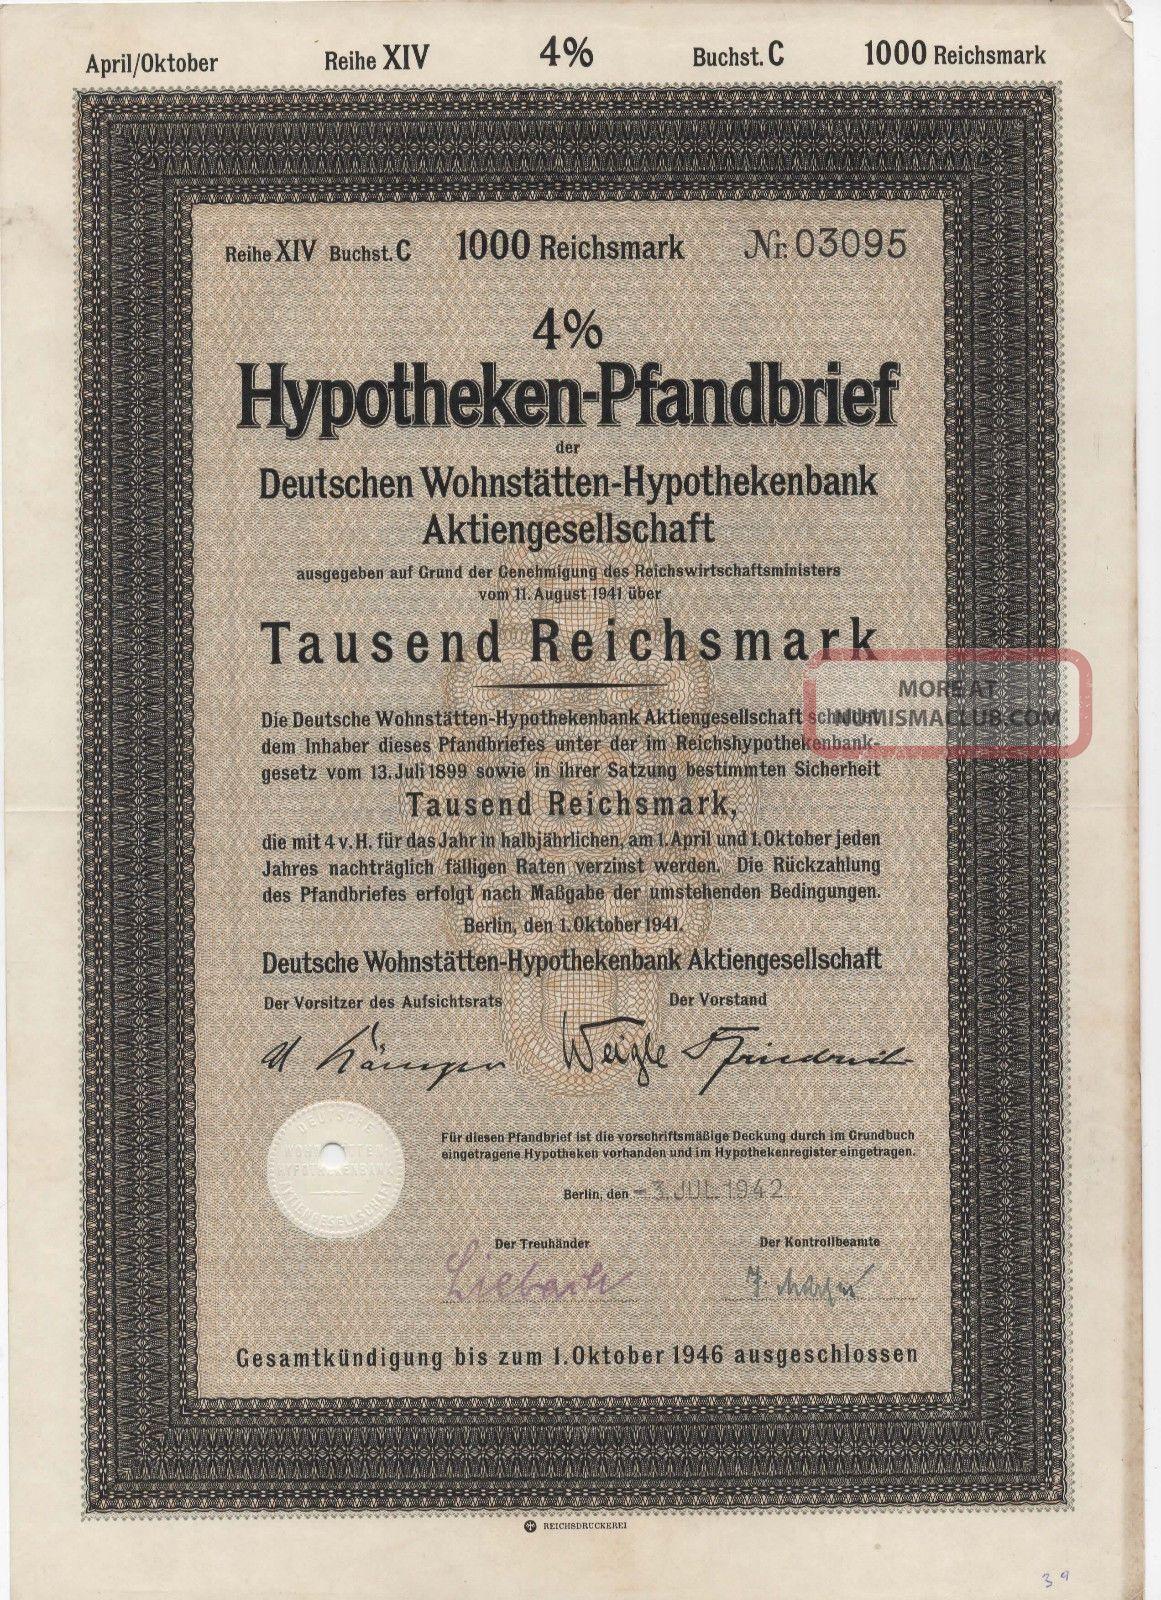 1942 4 Hypotheken Pfandbrief 1000 Reichsmark Stock Bond Certificate 2 Stocks & Bonds, Scripophily photo